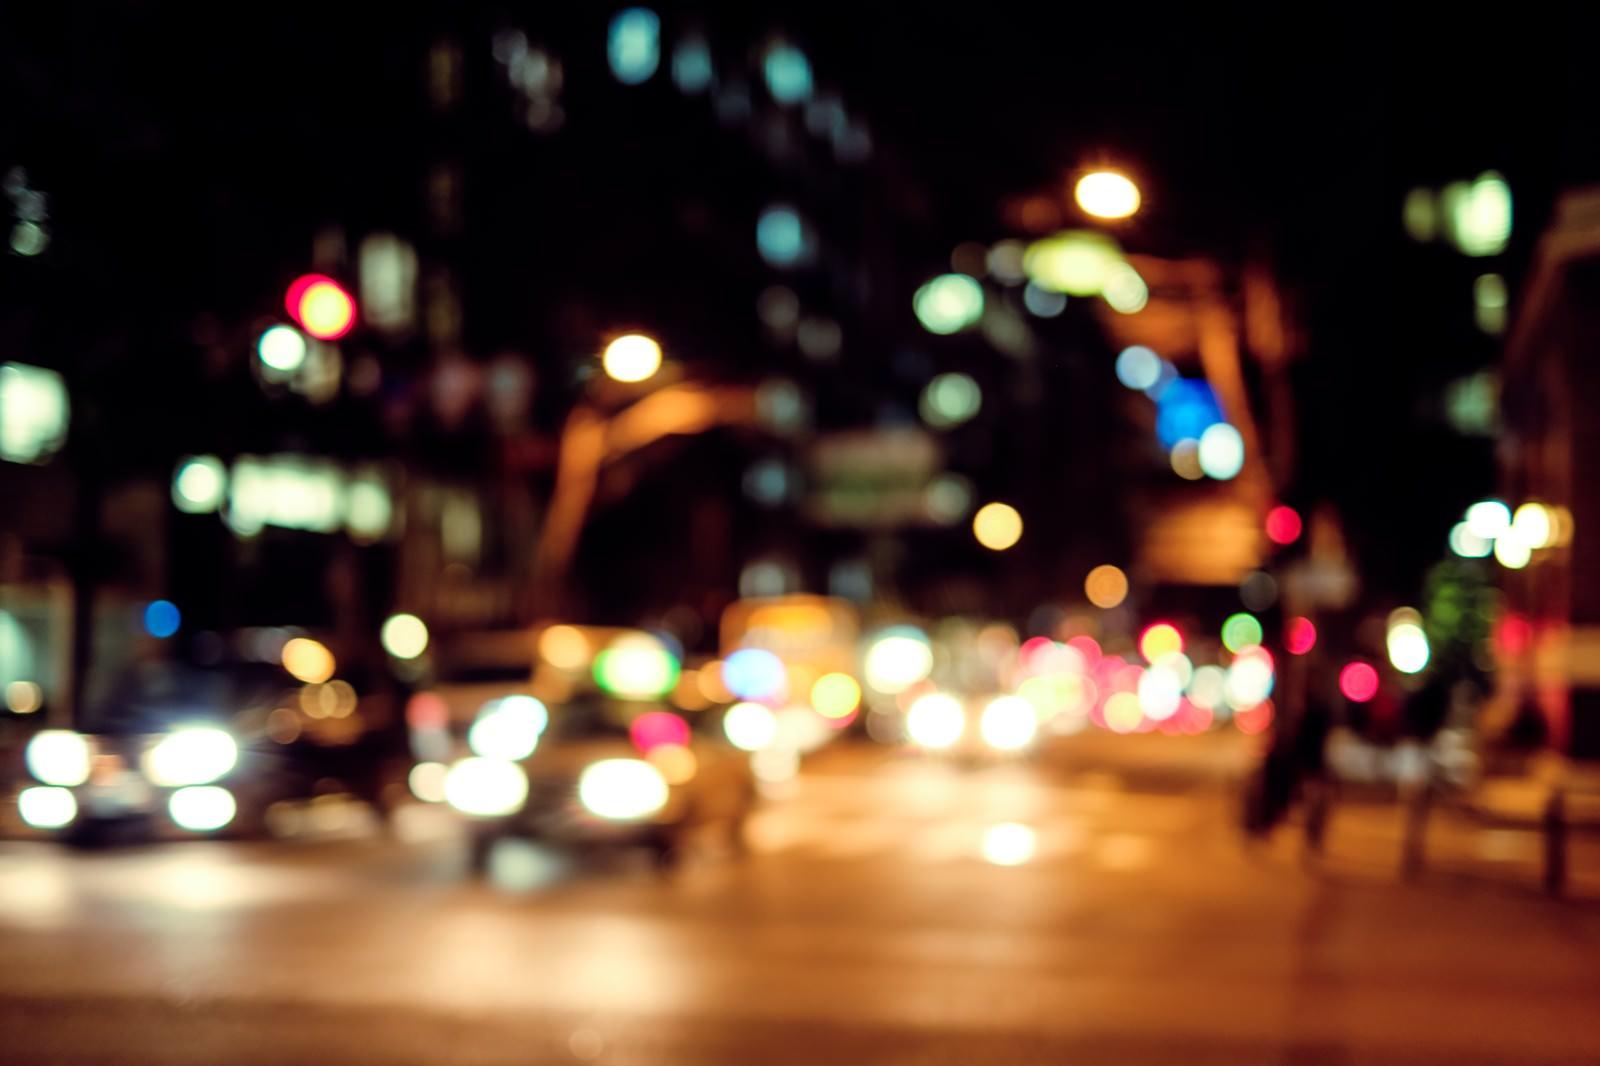 「夜間、交通量の多い大通り」の写真